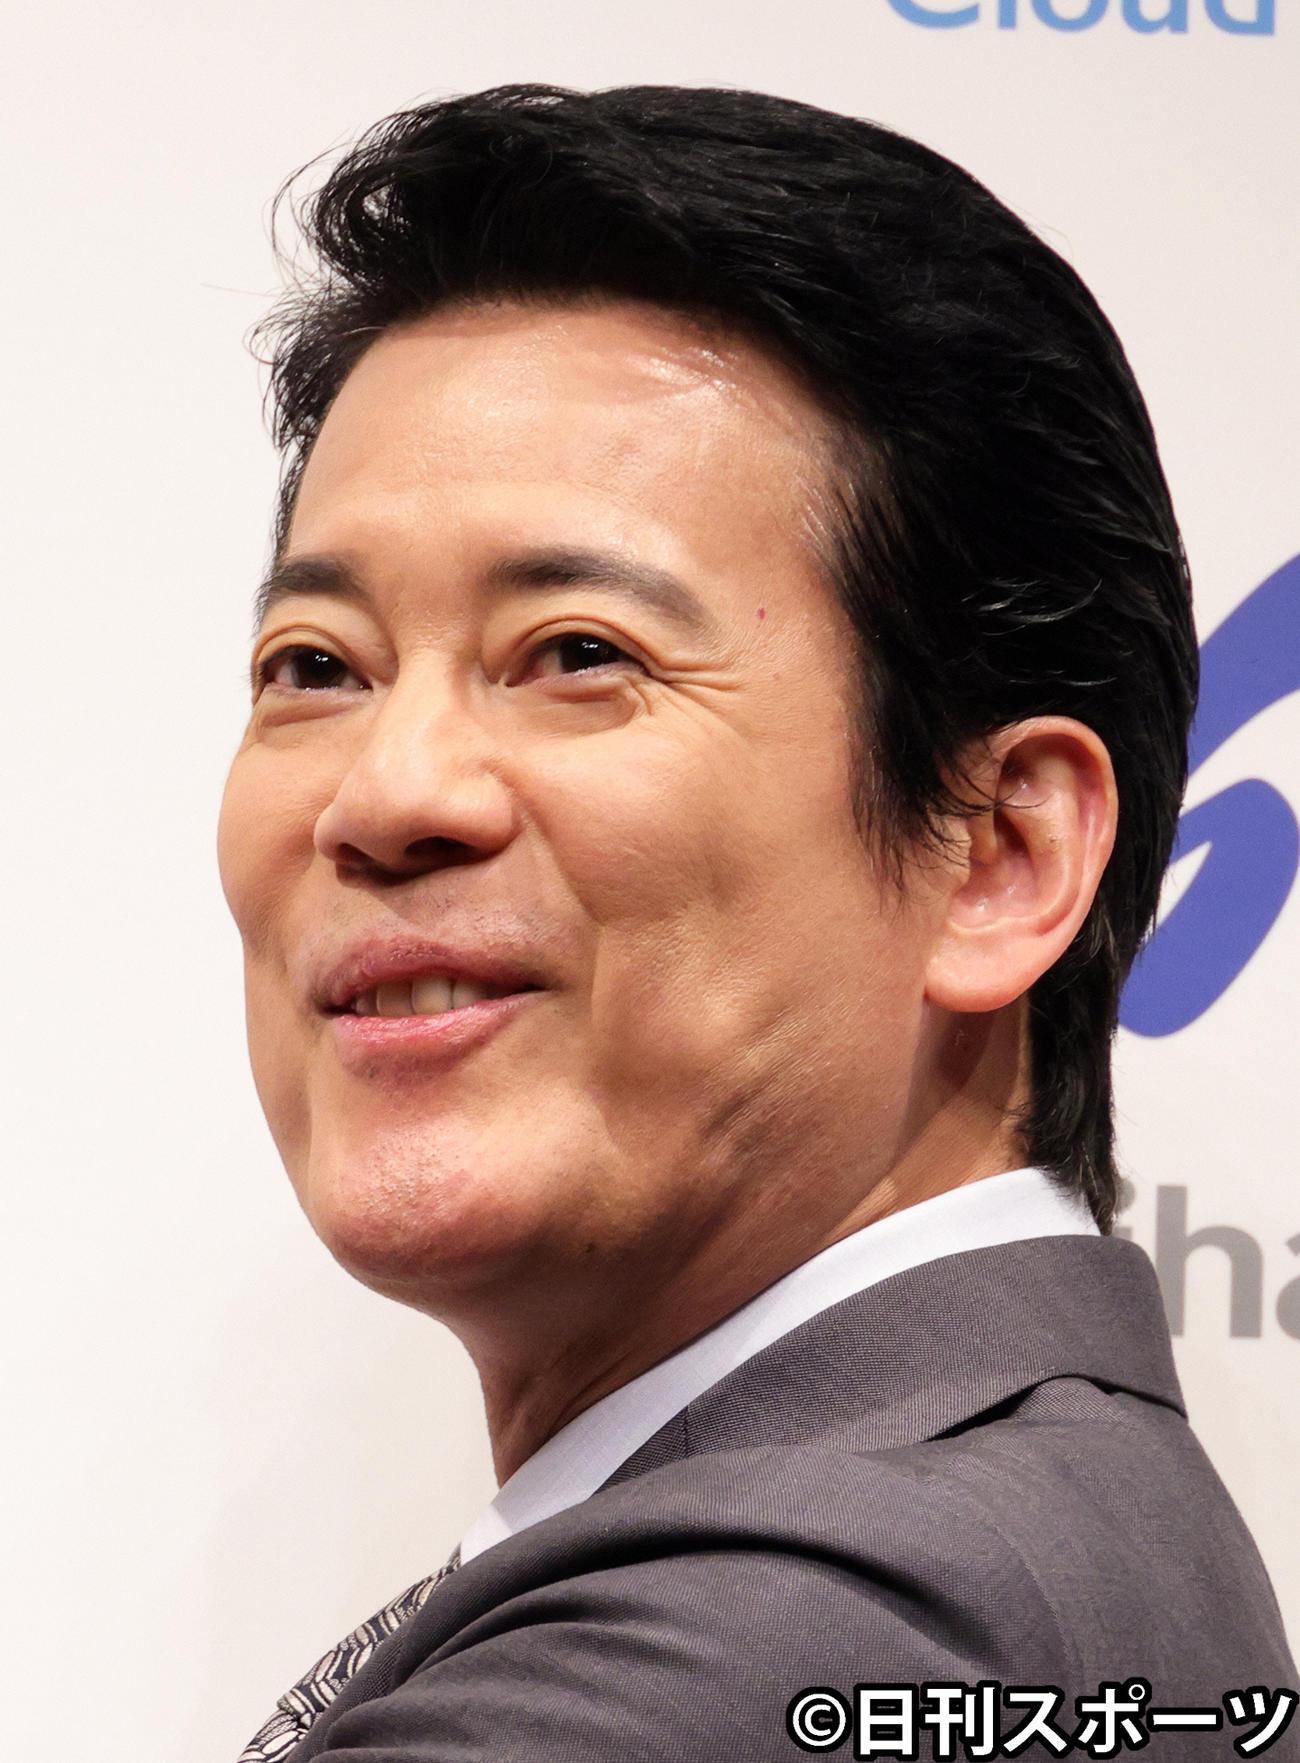 唐沢寿明(2021年3月撮影)